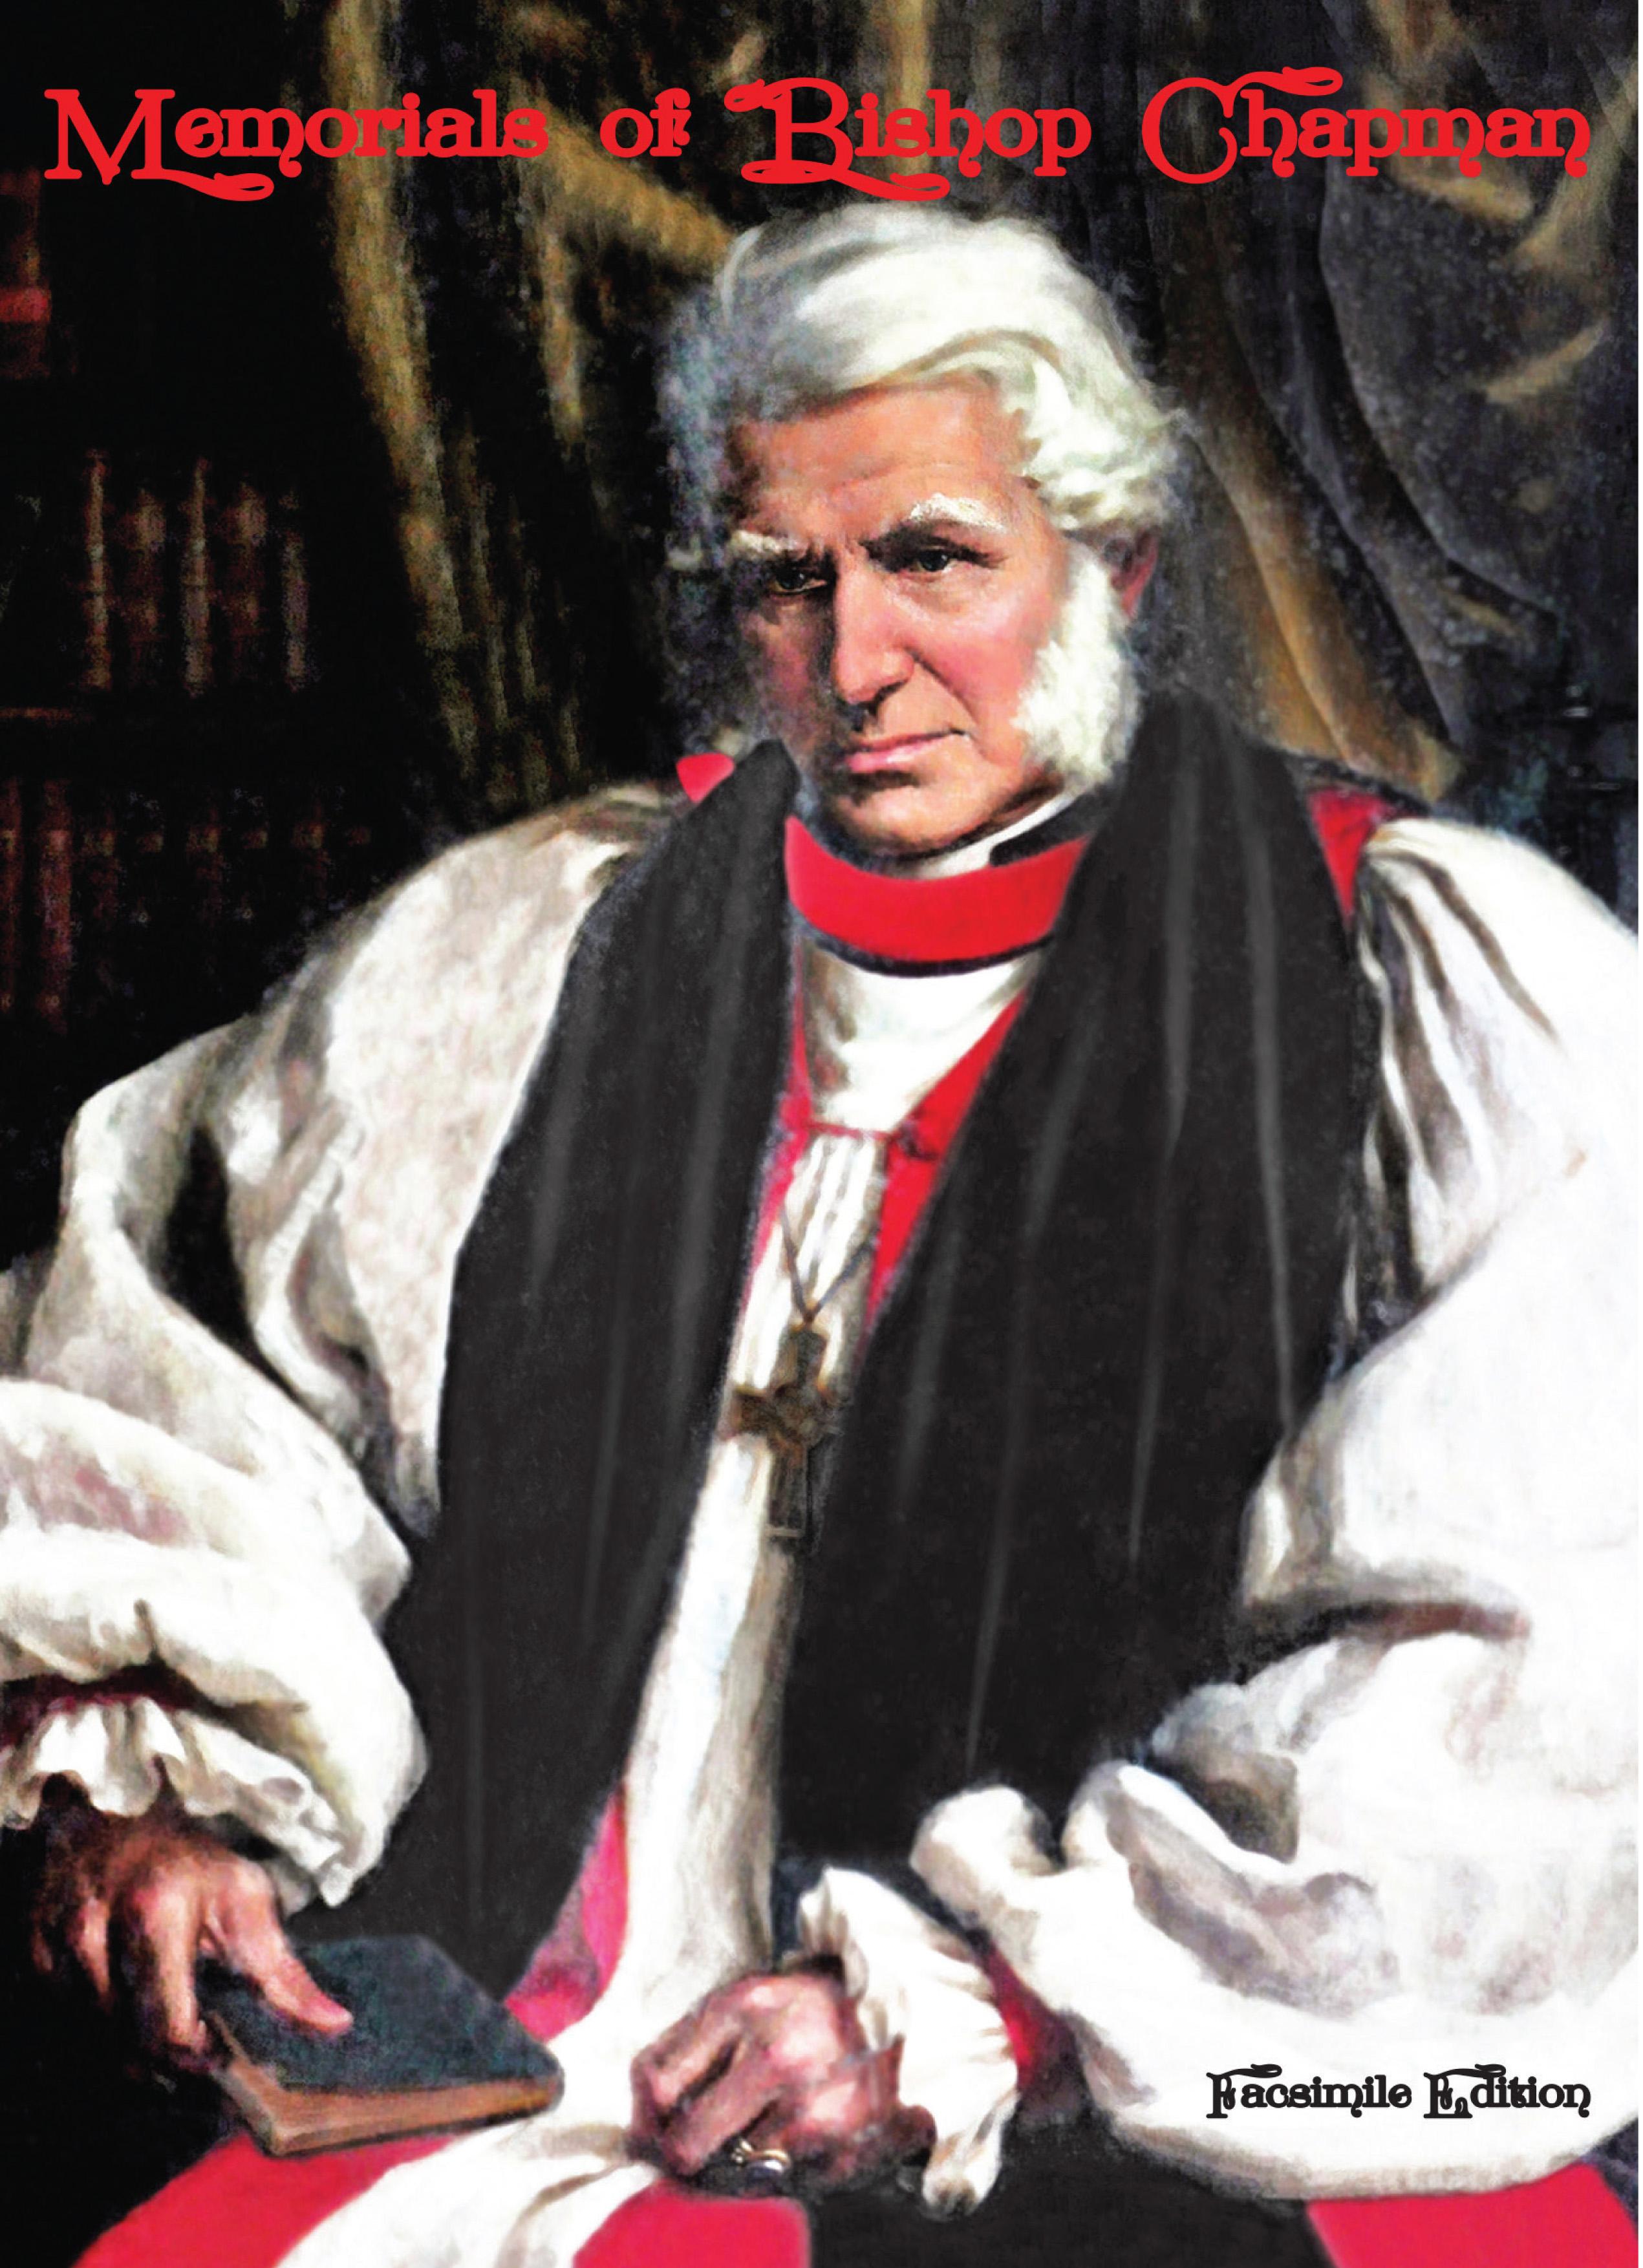 Memorials Of Bishop Chapman